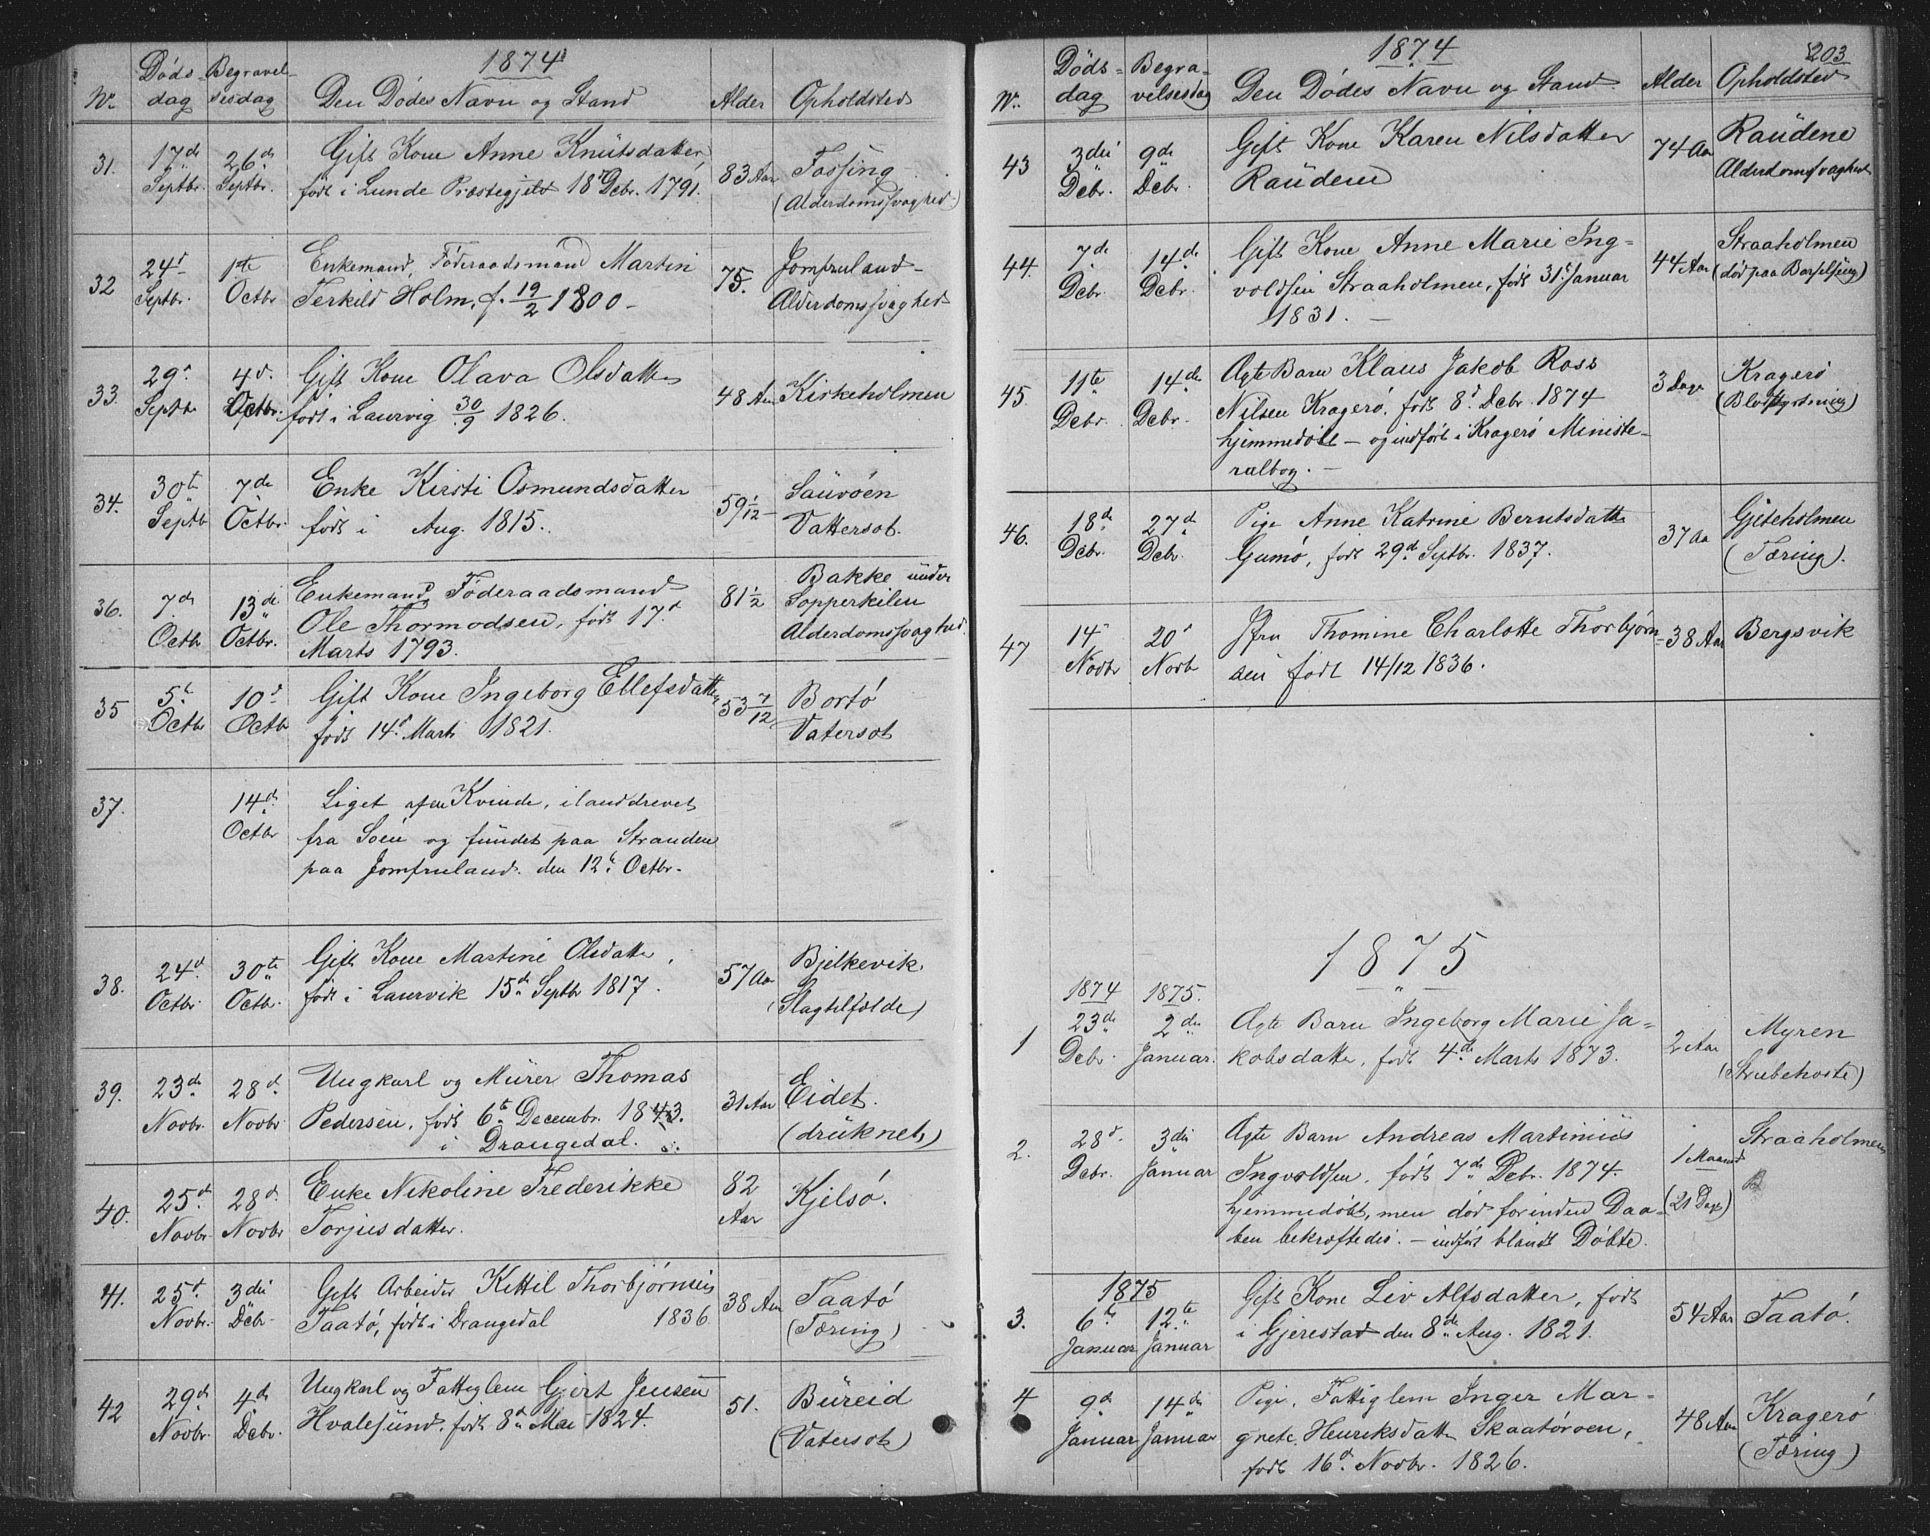 SAKO, Skåtøy kirkebøker, G/Ga/L0002: Klokkerbok nr. I 2, 1872-1884, s. 203